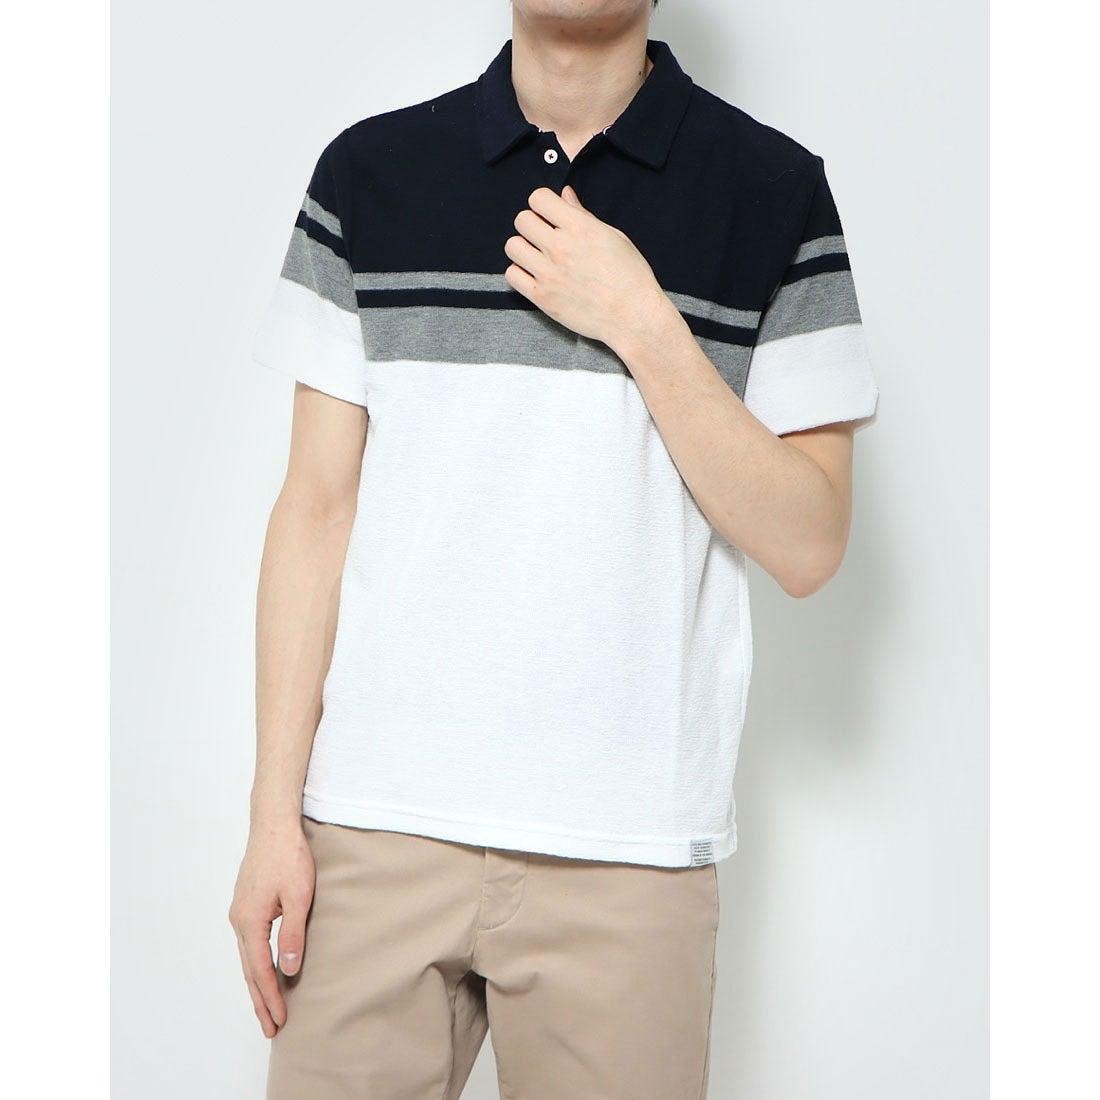 ロコンド 靴とファッションの通販サイトスタイルブロック STYLEBLOCK スラブタック天竺パネルラインポロシャツ (ネイビー)